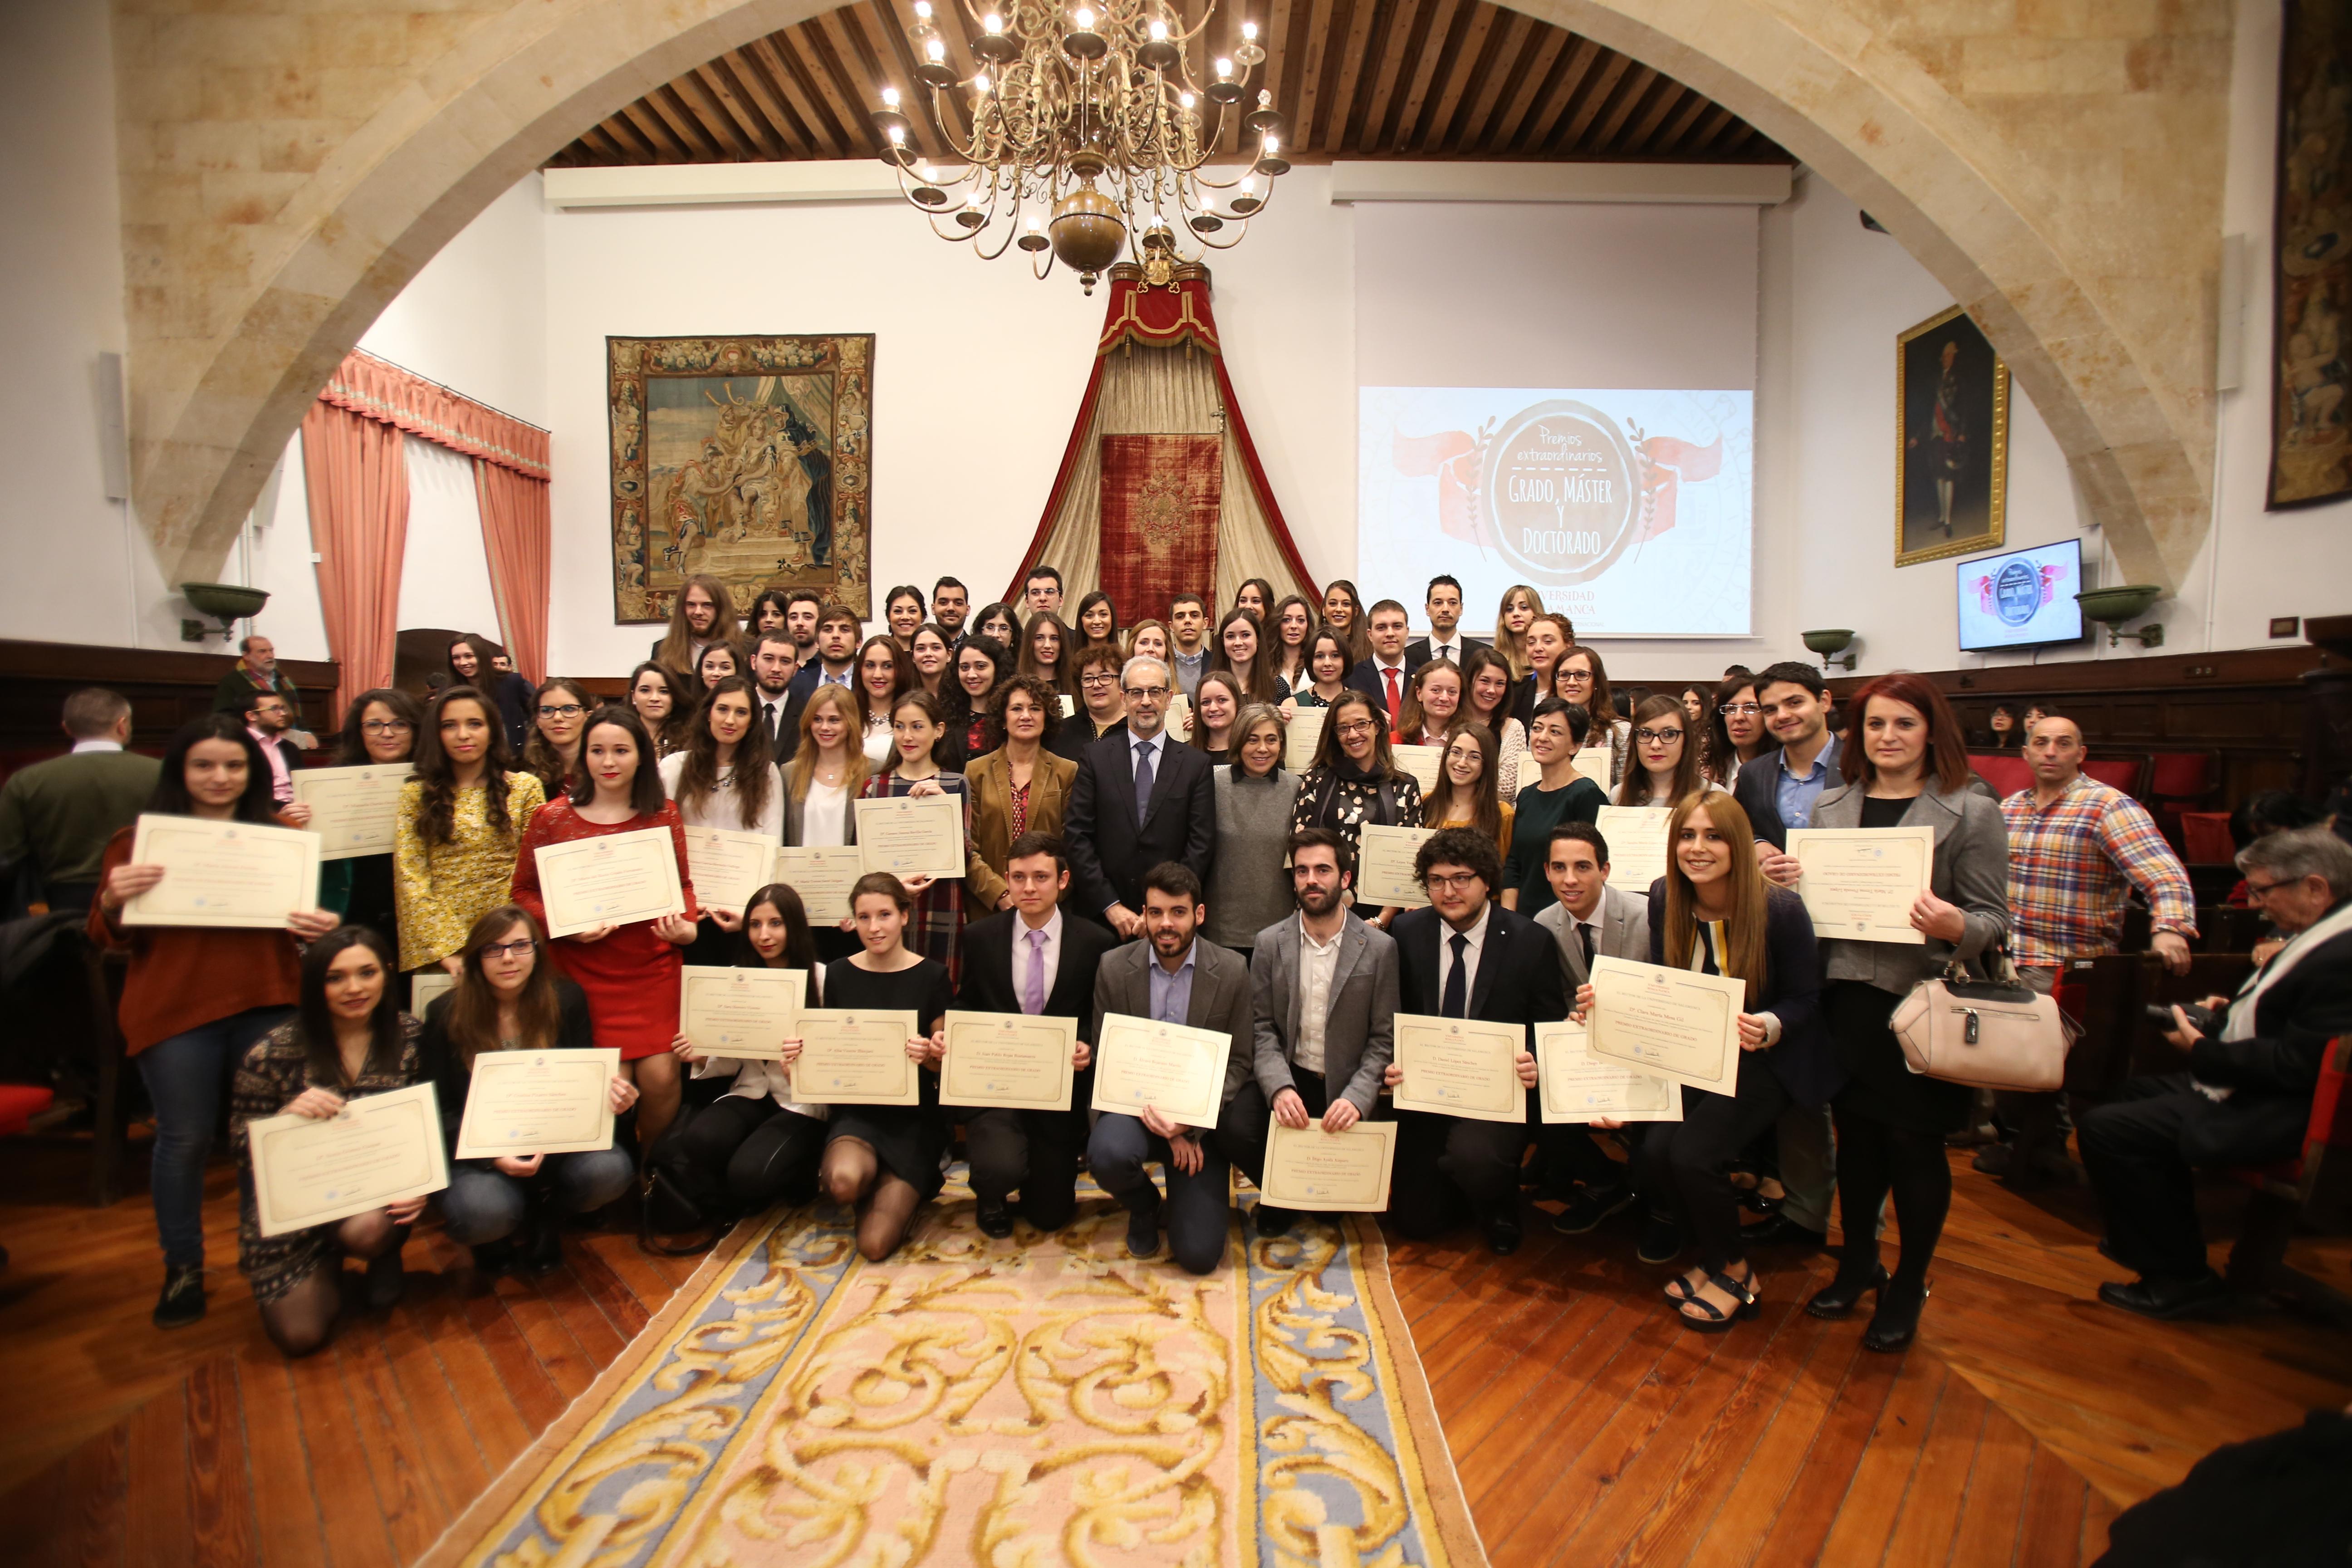 Más de 120 estudiantes reciben los premios extraordinarios de Grado, Grado de Salamanca, Máster y Doctorado de la Universidad de Salamanca